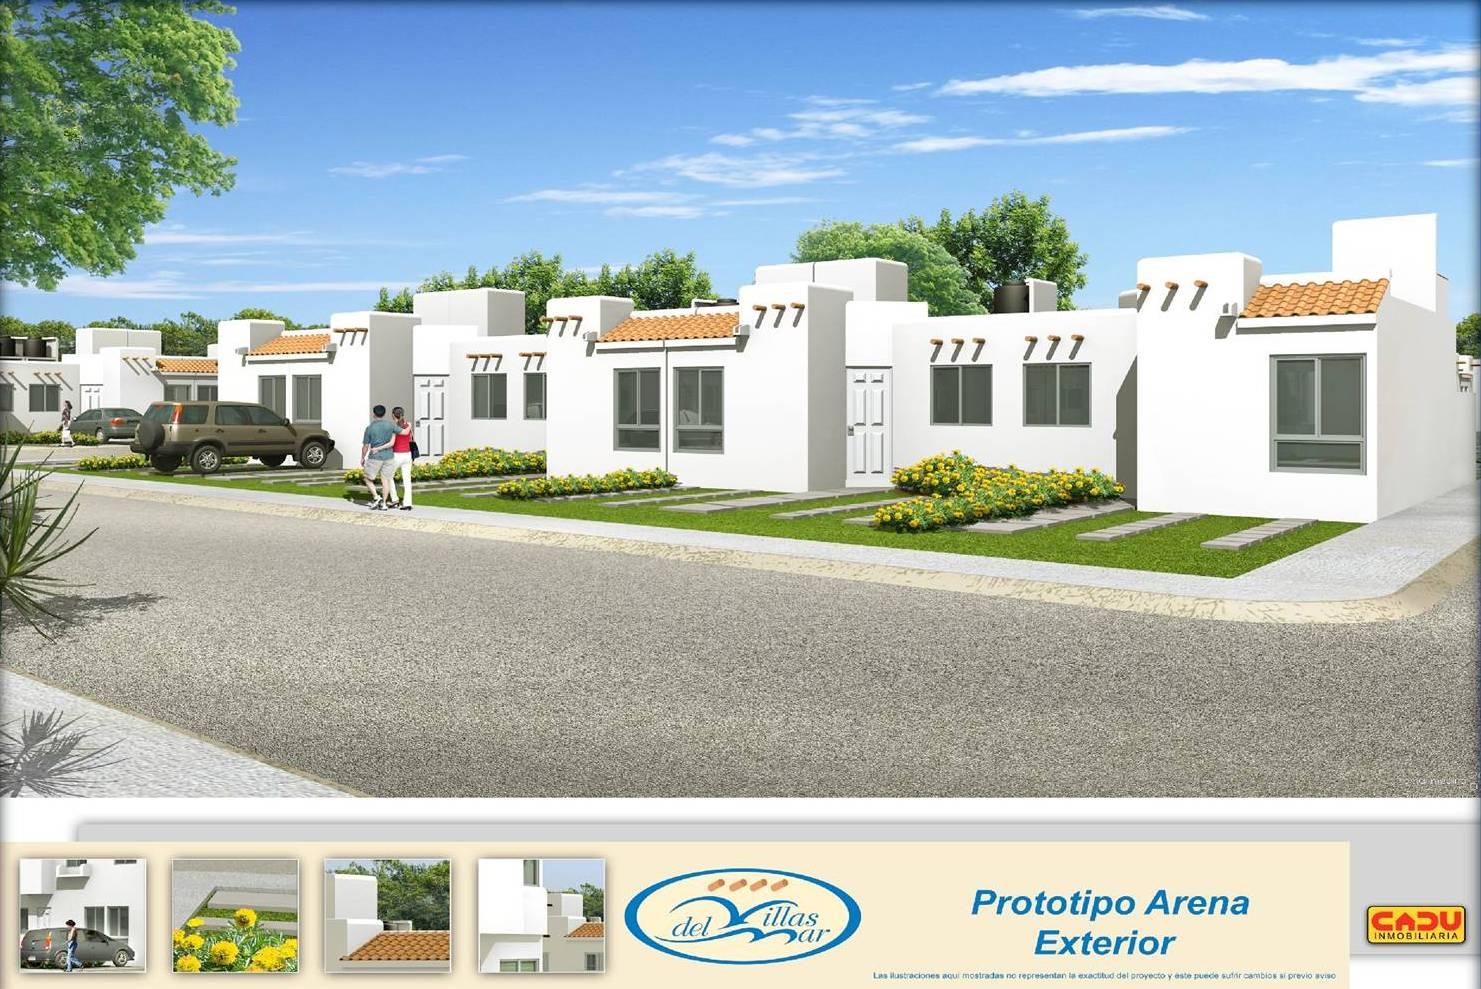 Villas del mar cancun inicio for Villas kabah cancun ubicacion